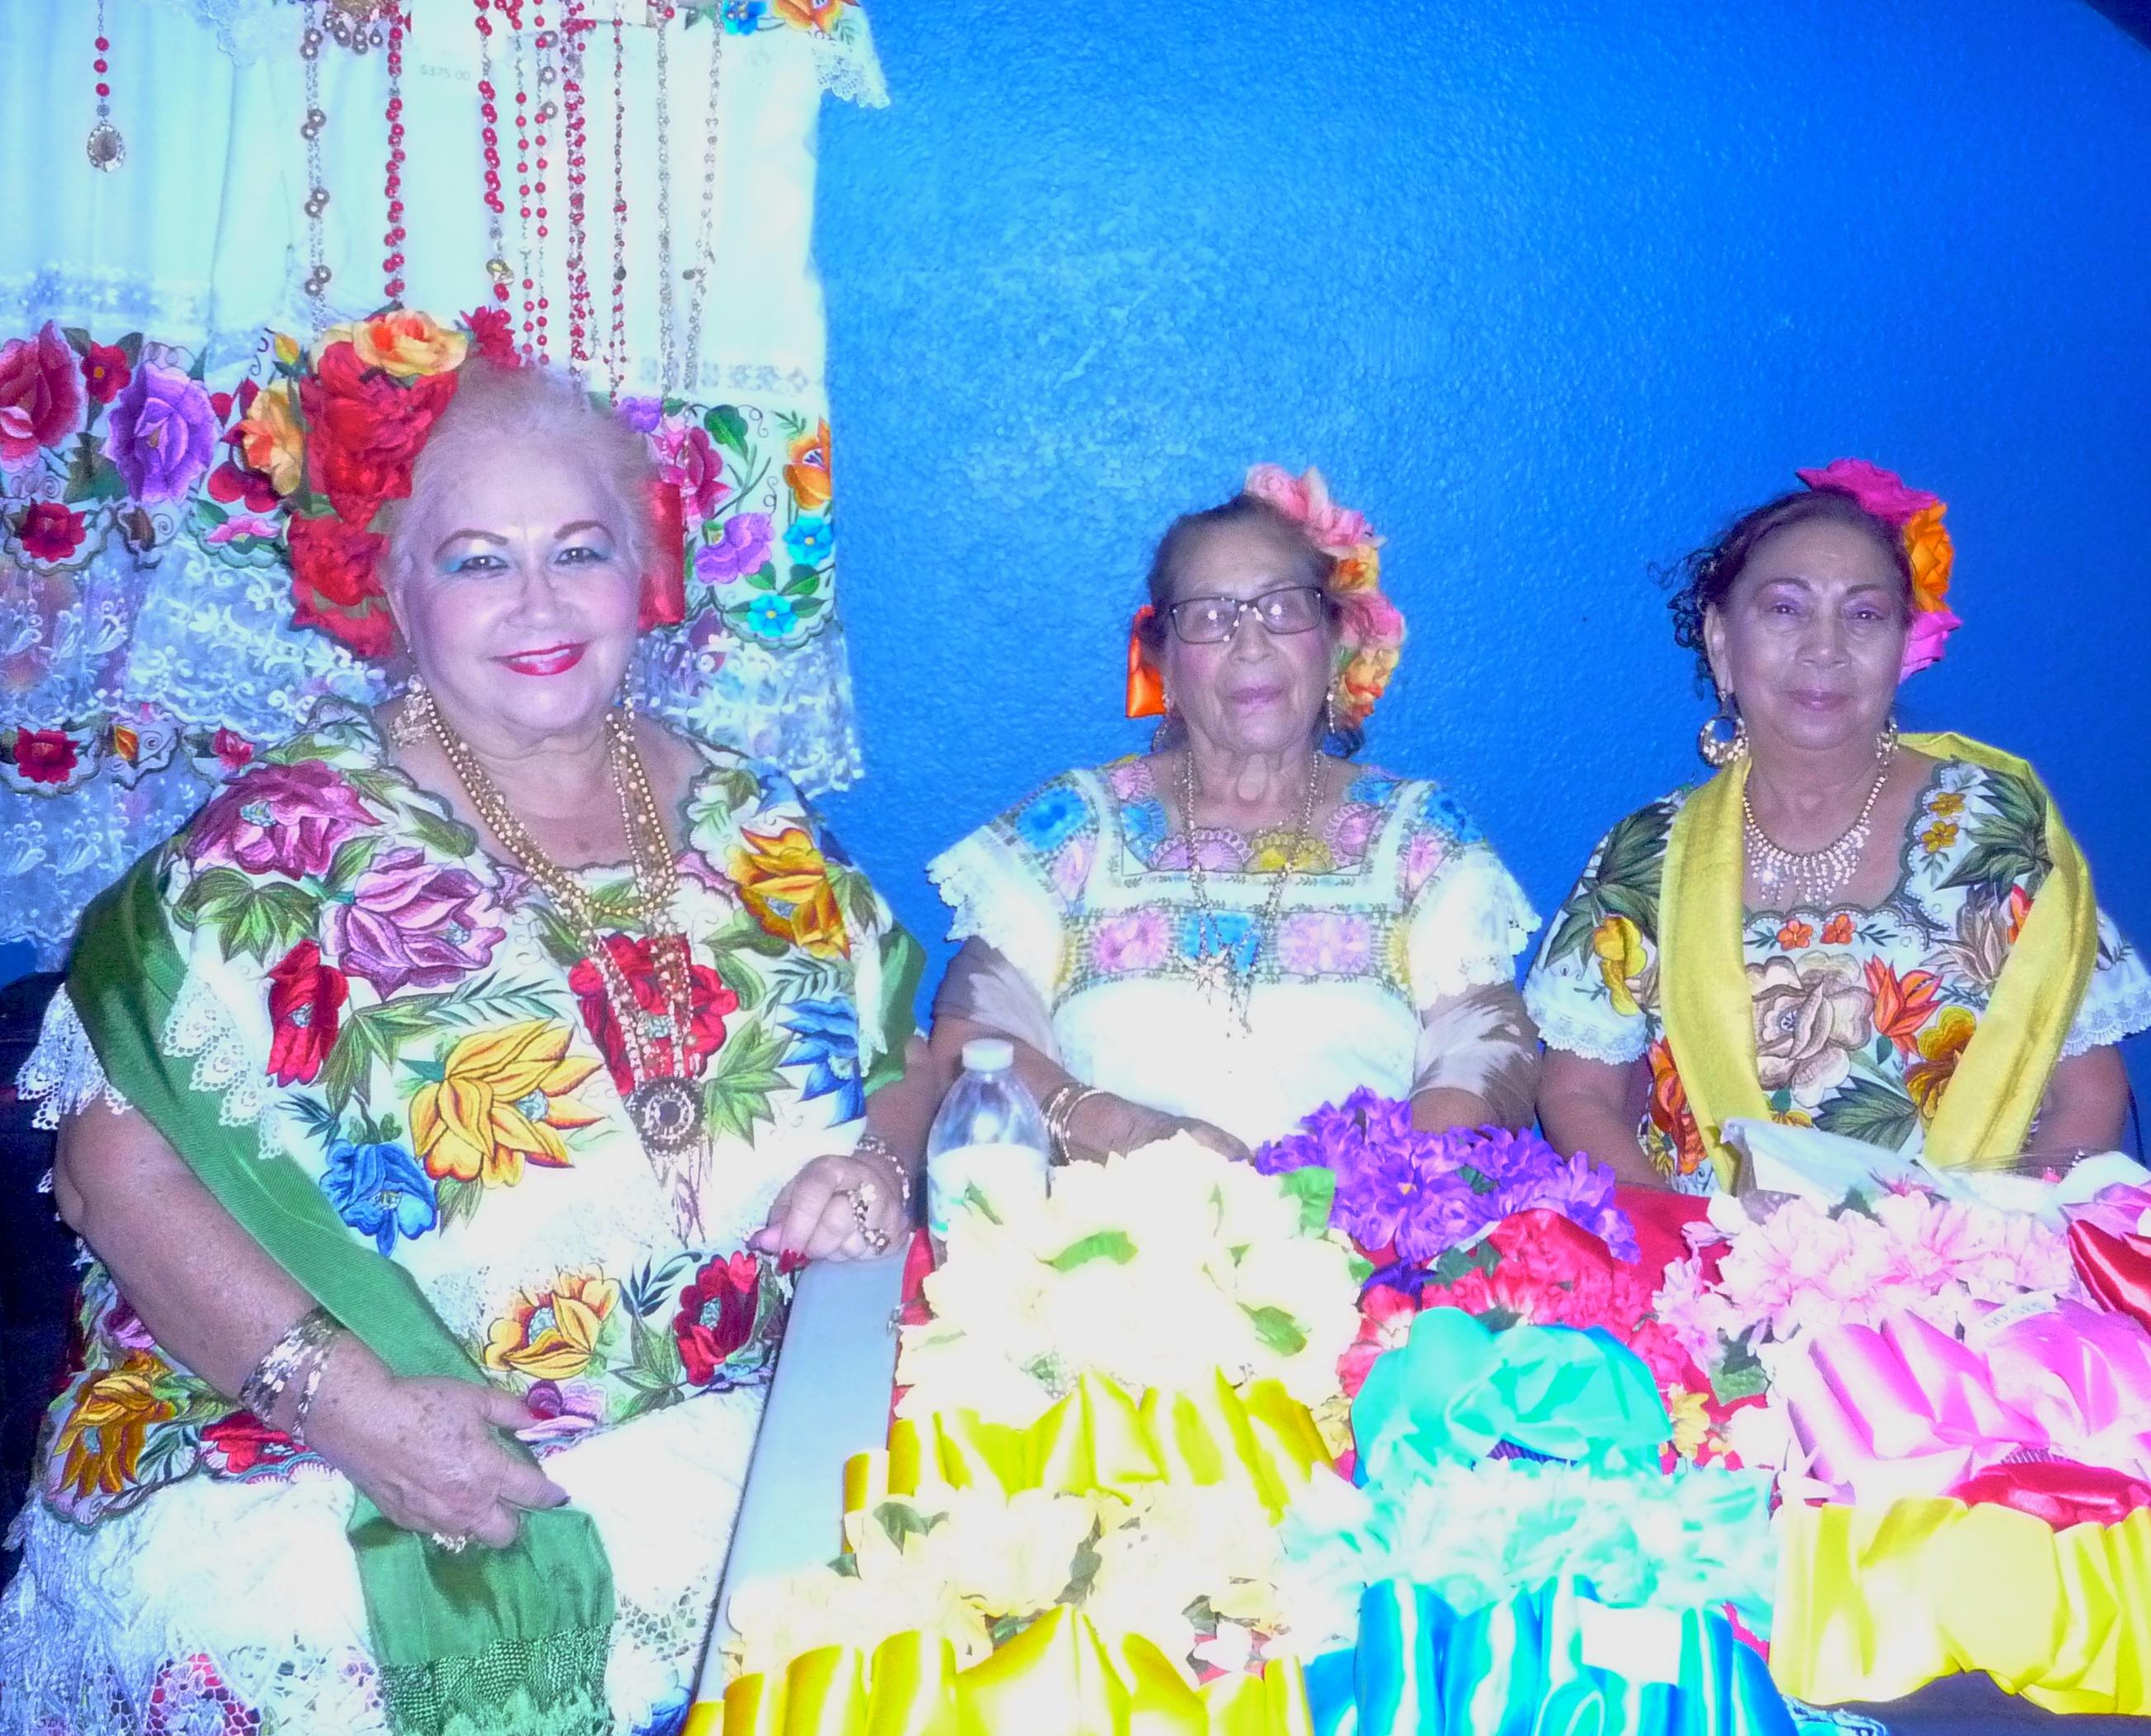 Vestidos típicos de la cultura maya yucateca.